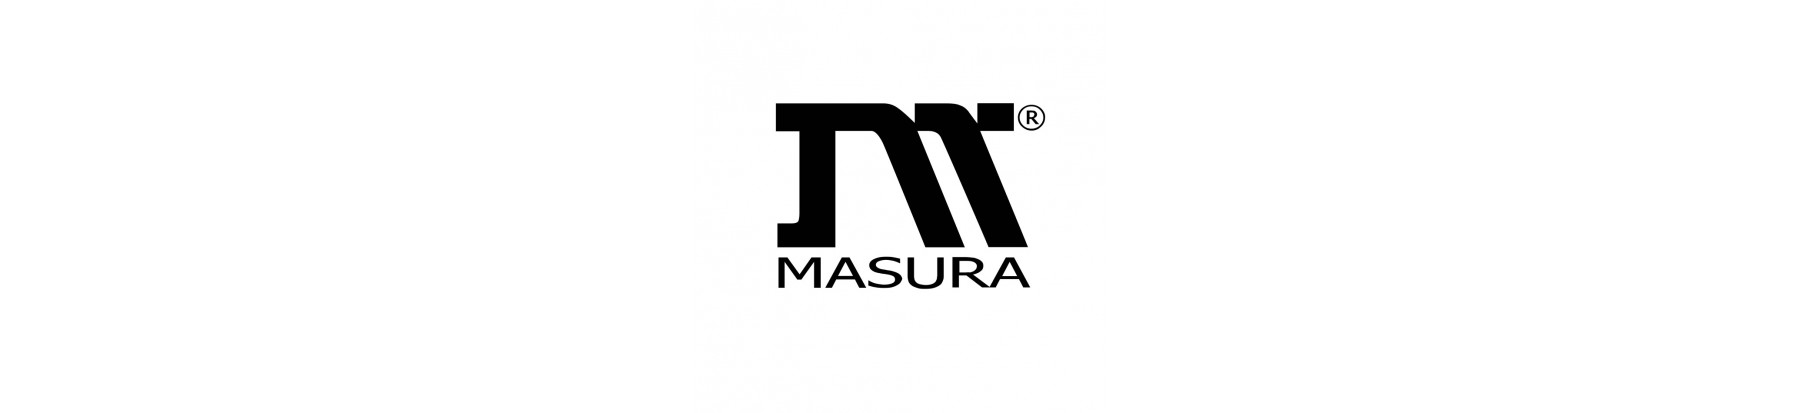 MASURA